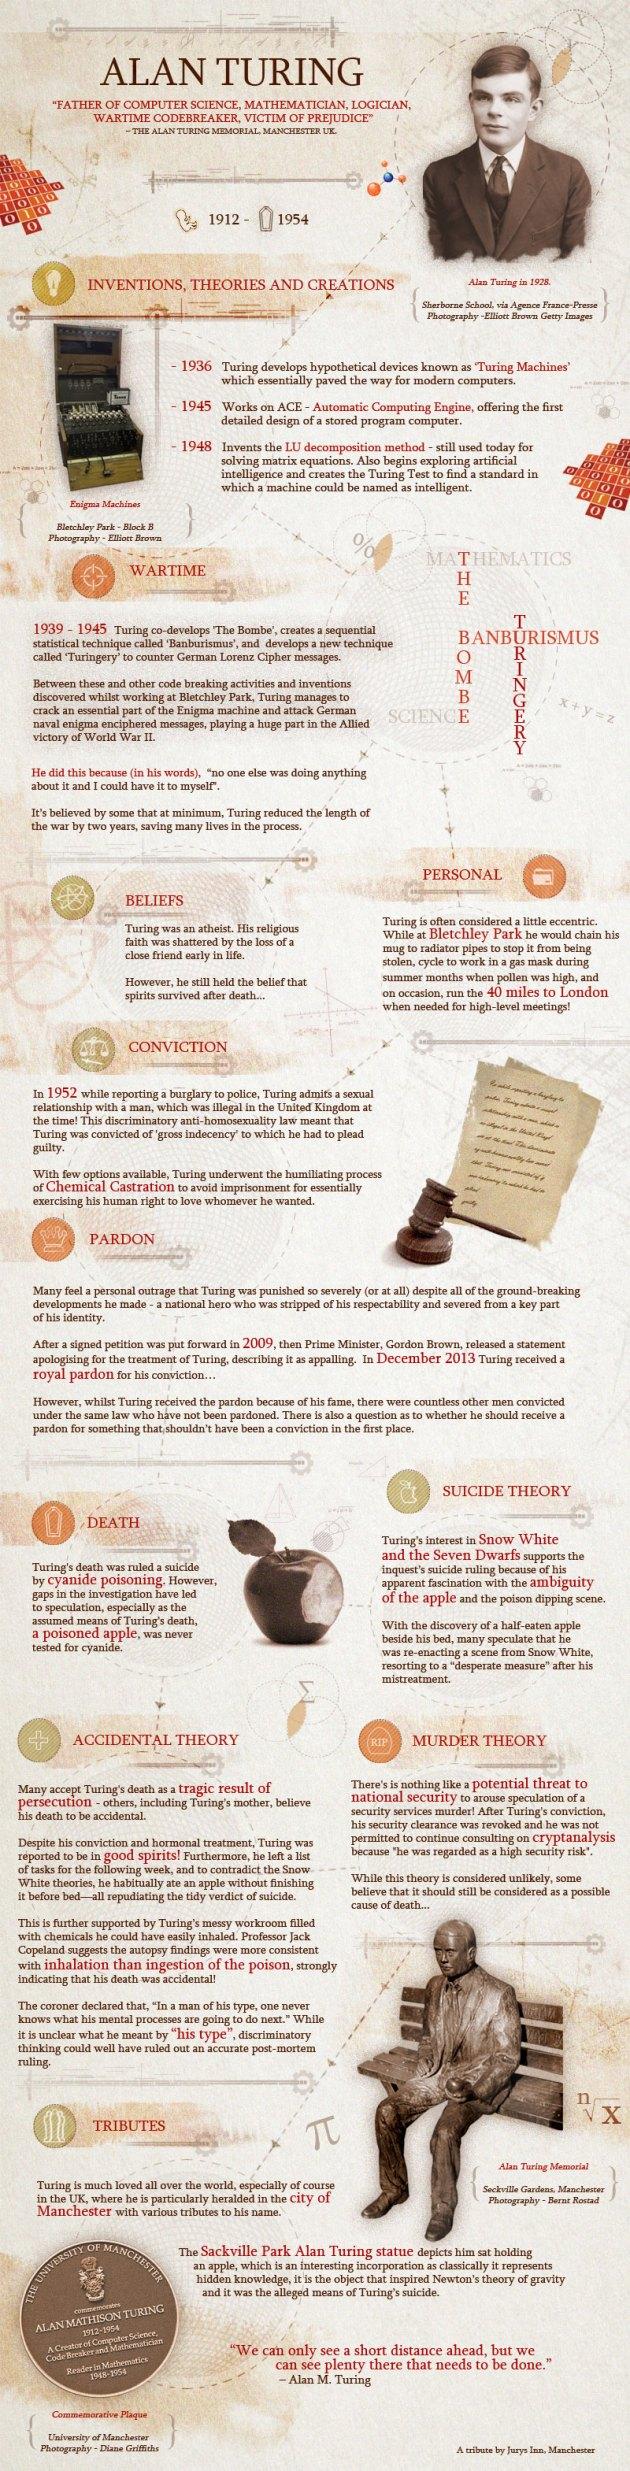 alan-turing-infographic